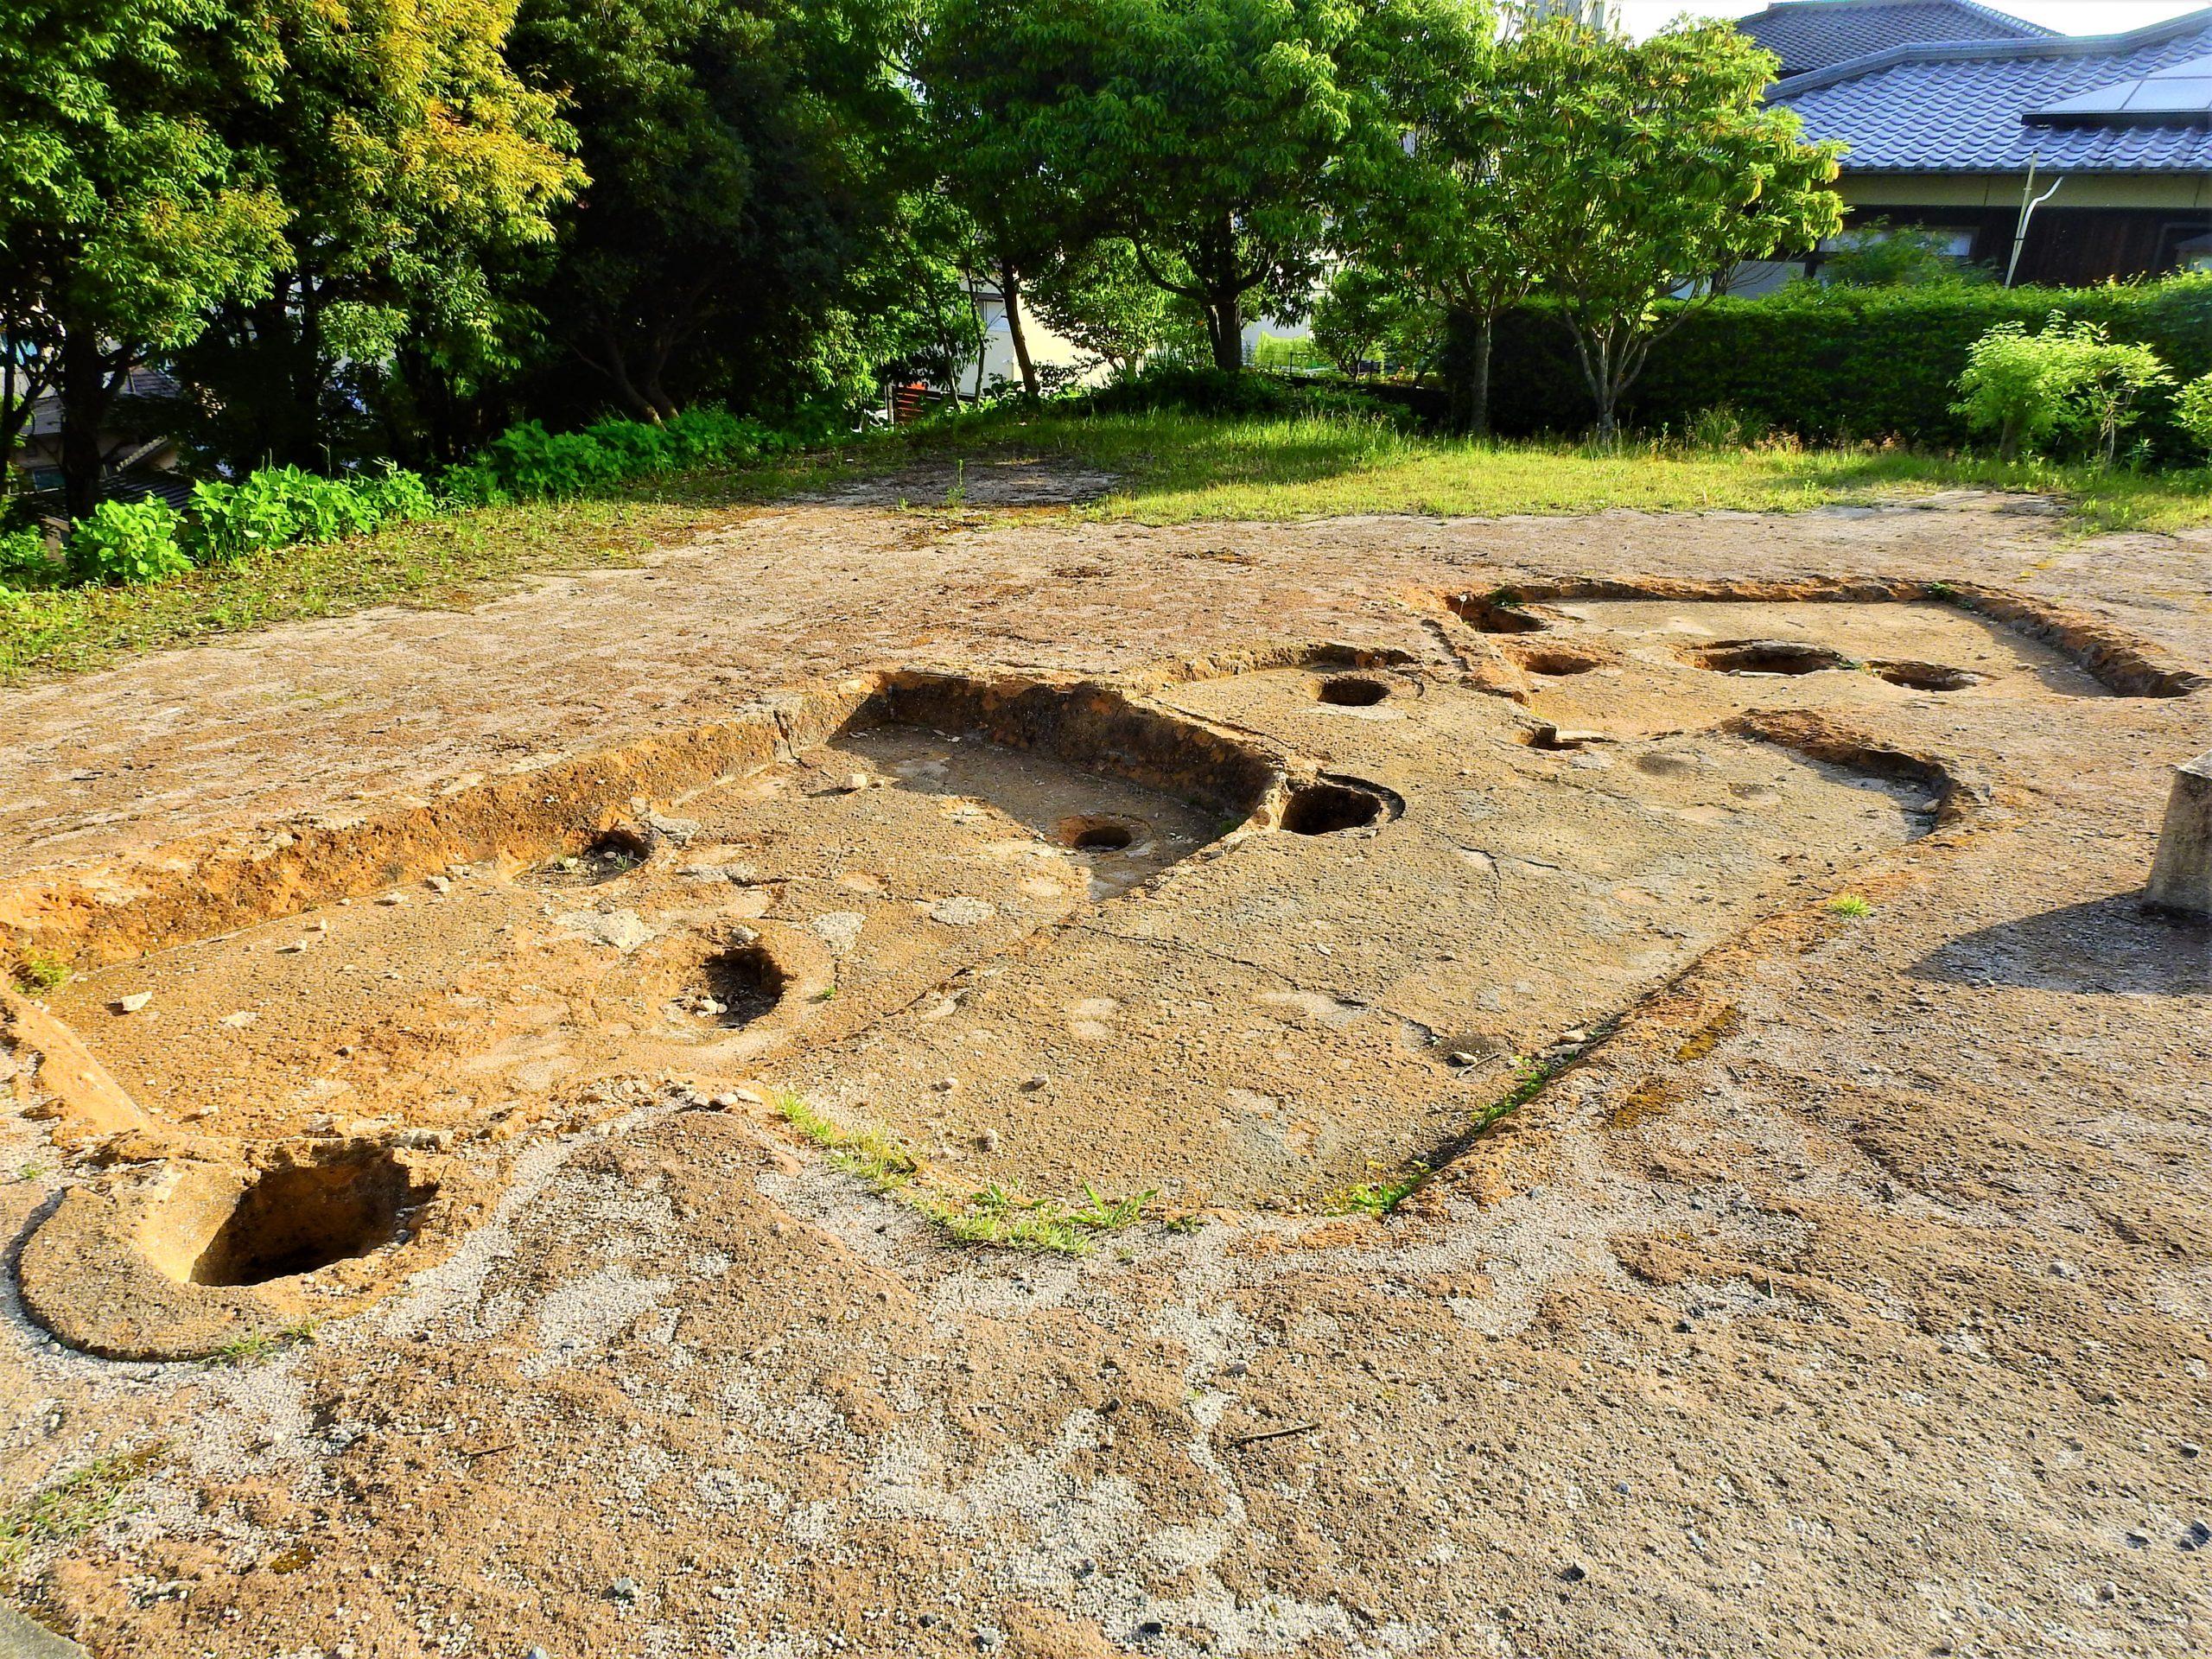 福岡県 春日市奴国の丘歴史資料館